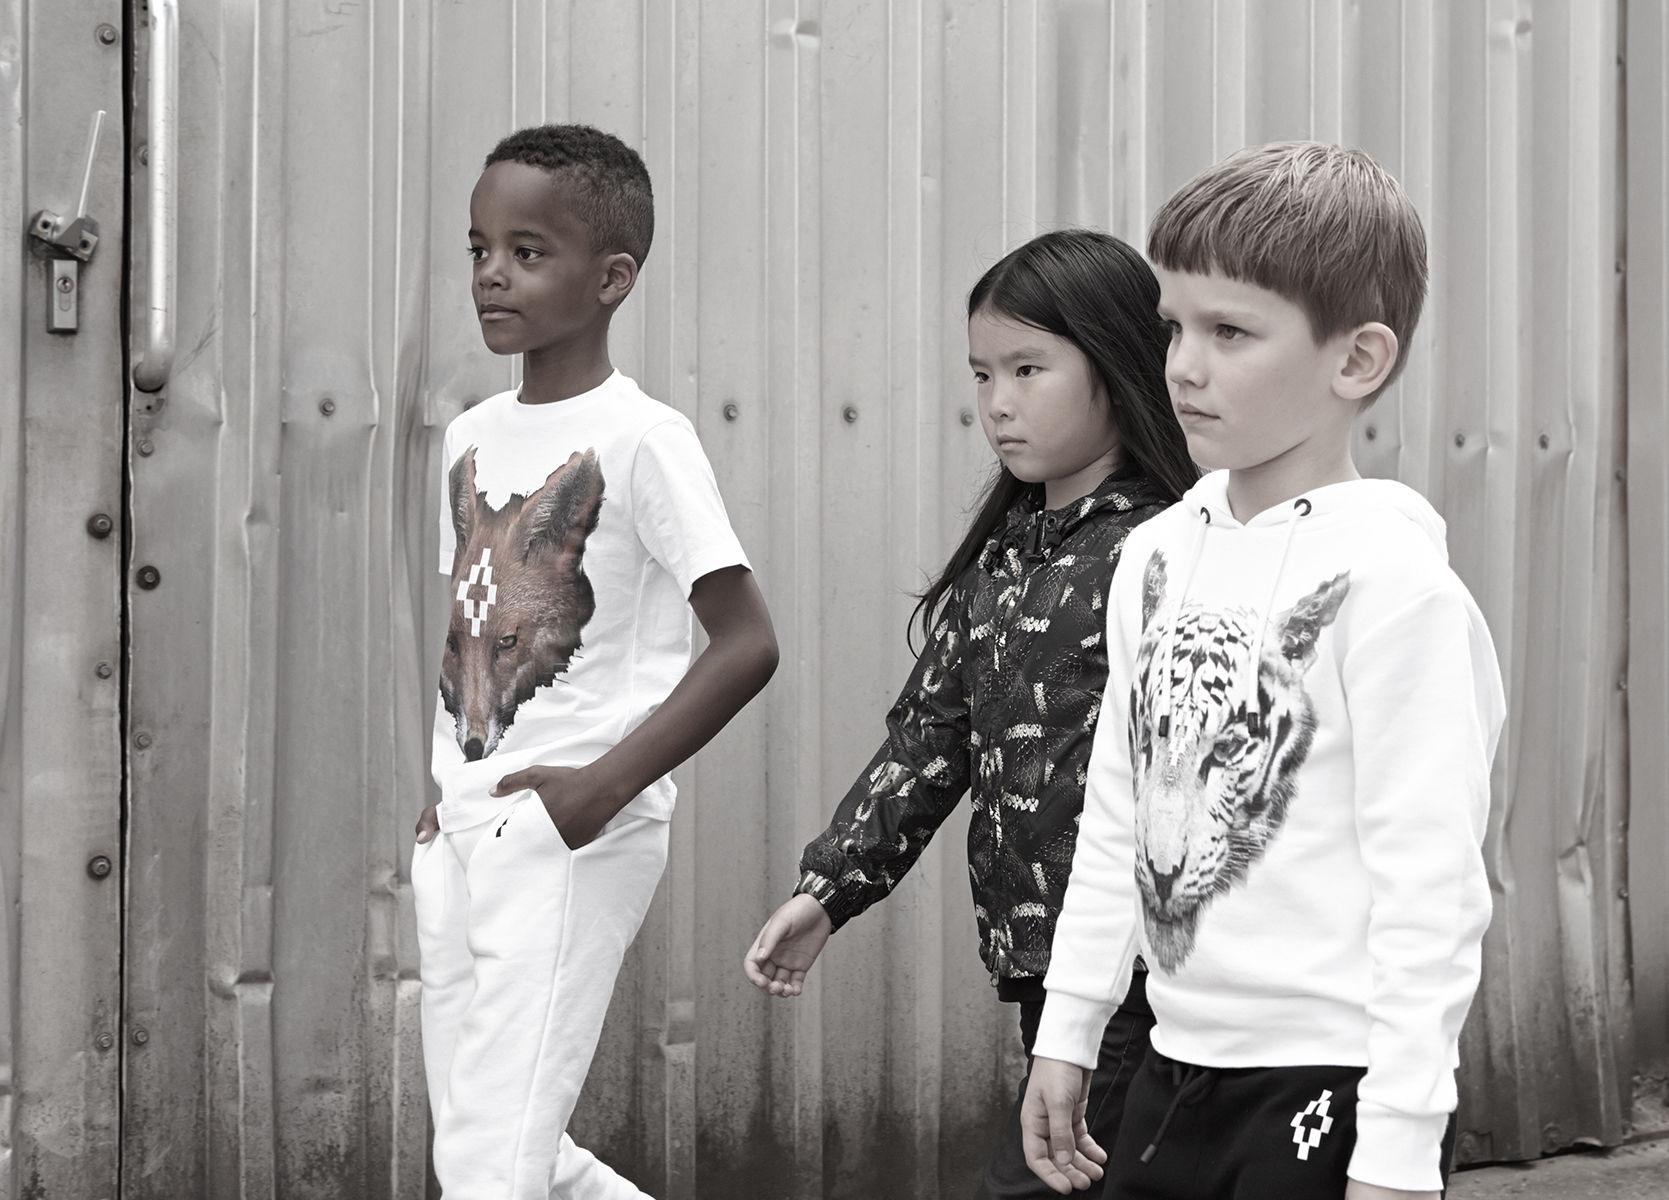 Kids of Milan